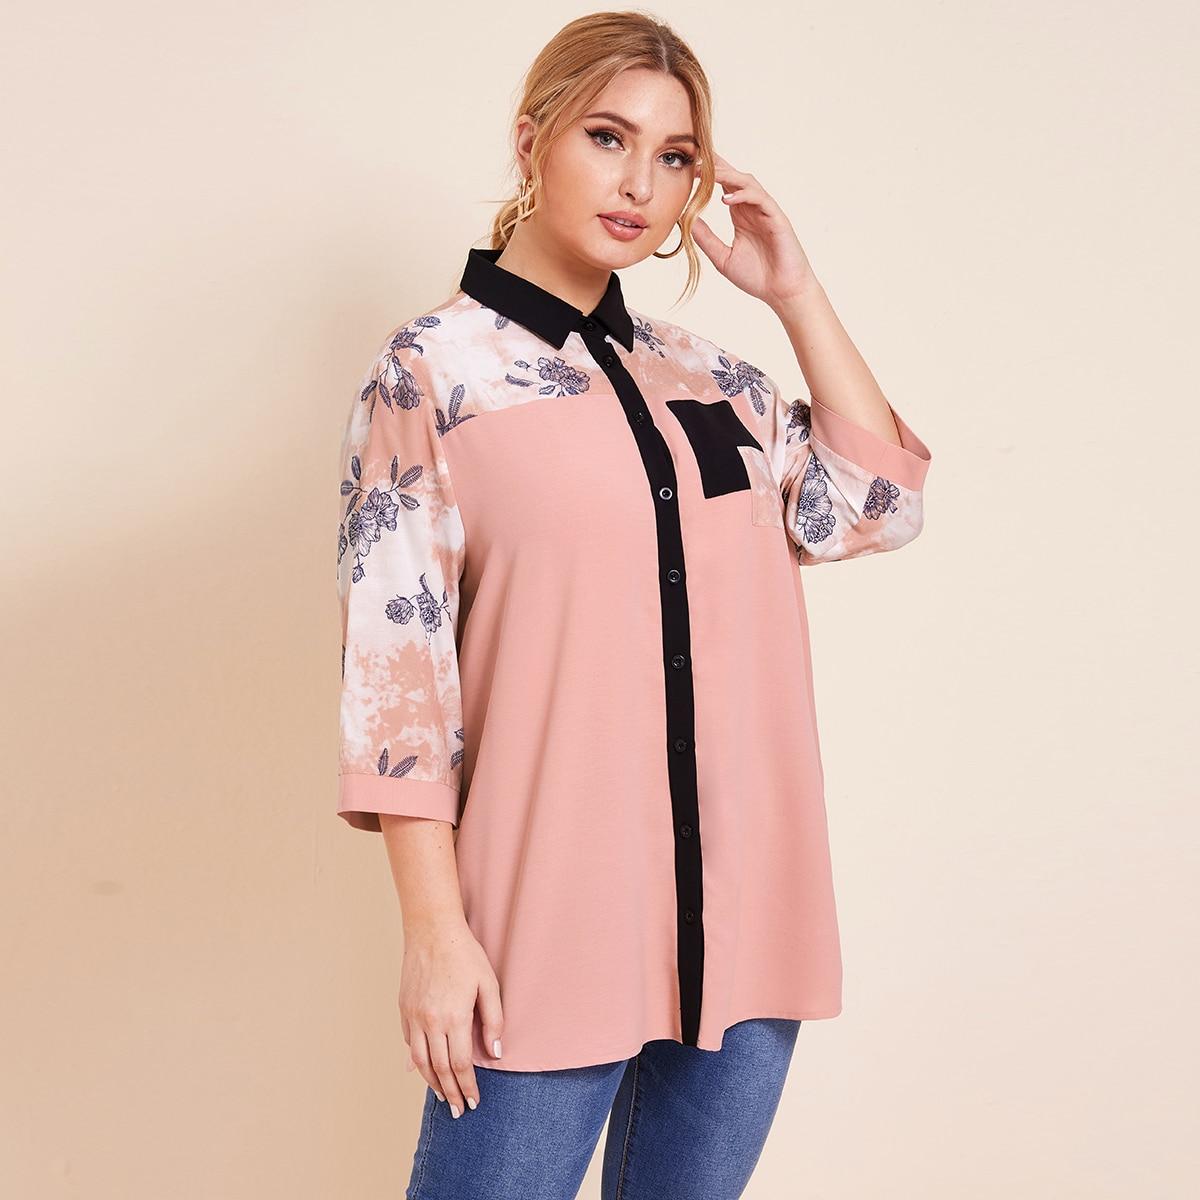 SHEIN / Camisa túnica floral con parche de cuello en contraste